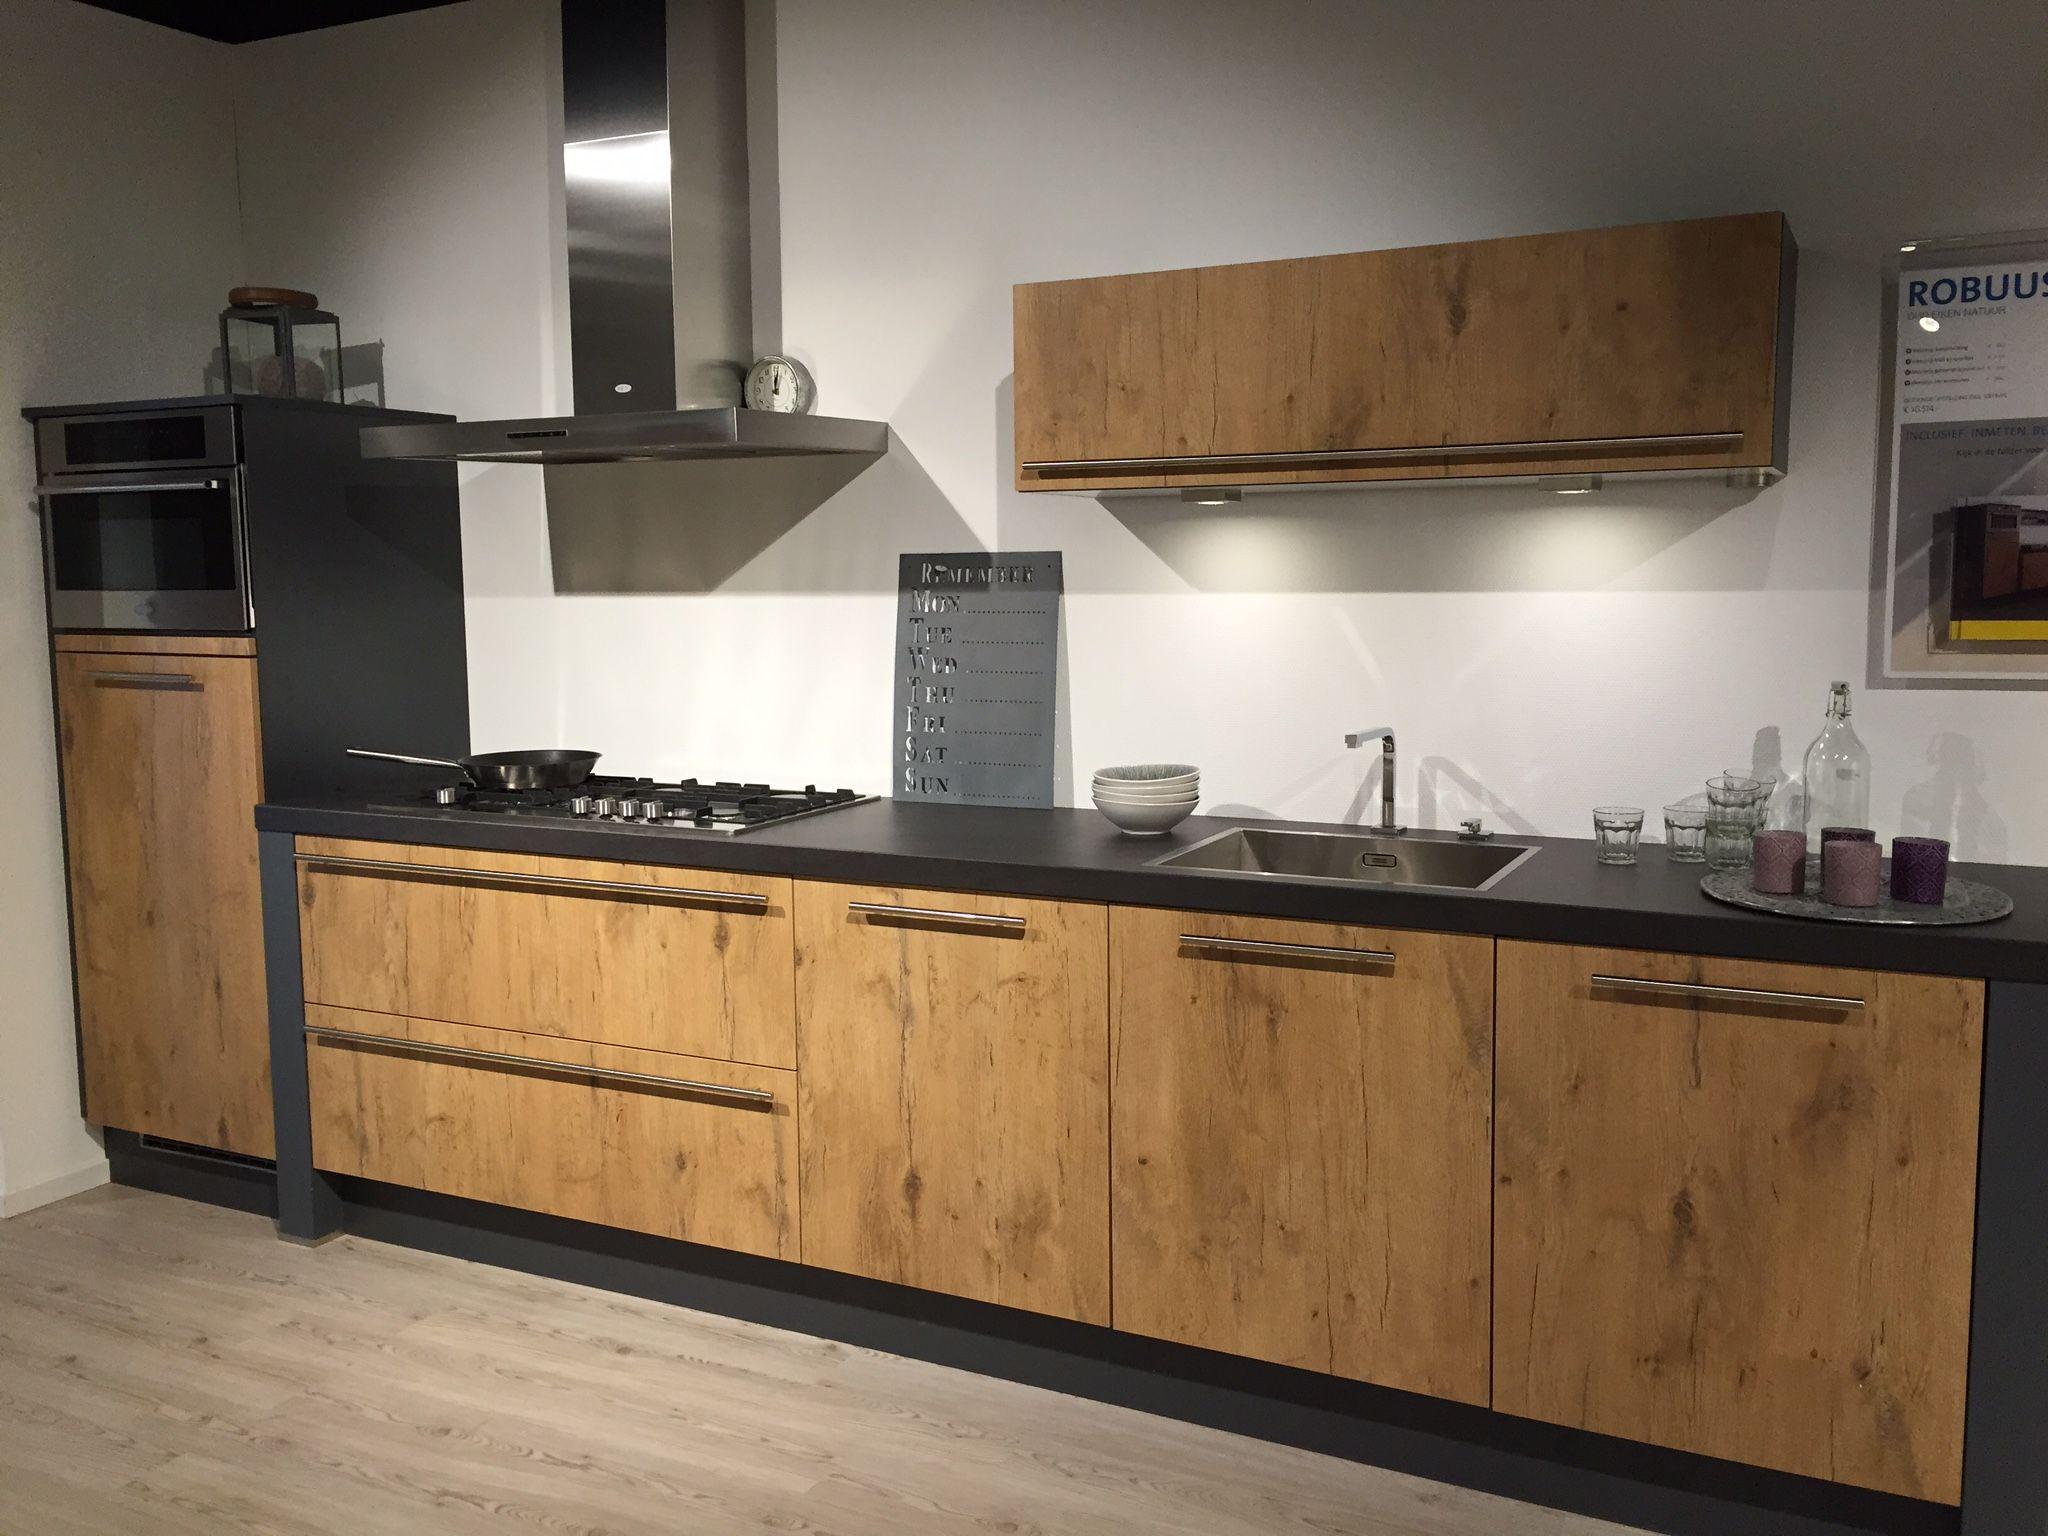 Voorbeeld Houtkleur Bruynzeel Keuken Soetelieve Den Bosch Keuken Bruynzeel Keuken Inspiratie Keuken Idee